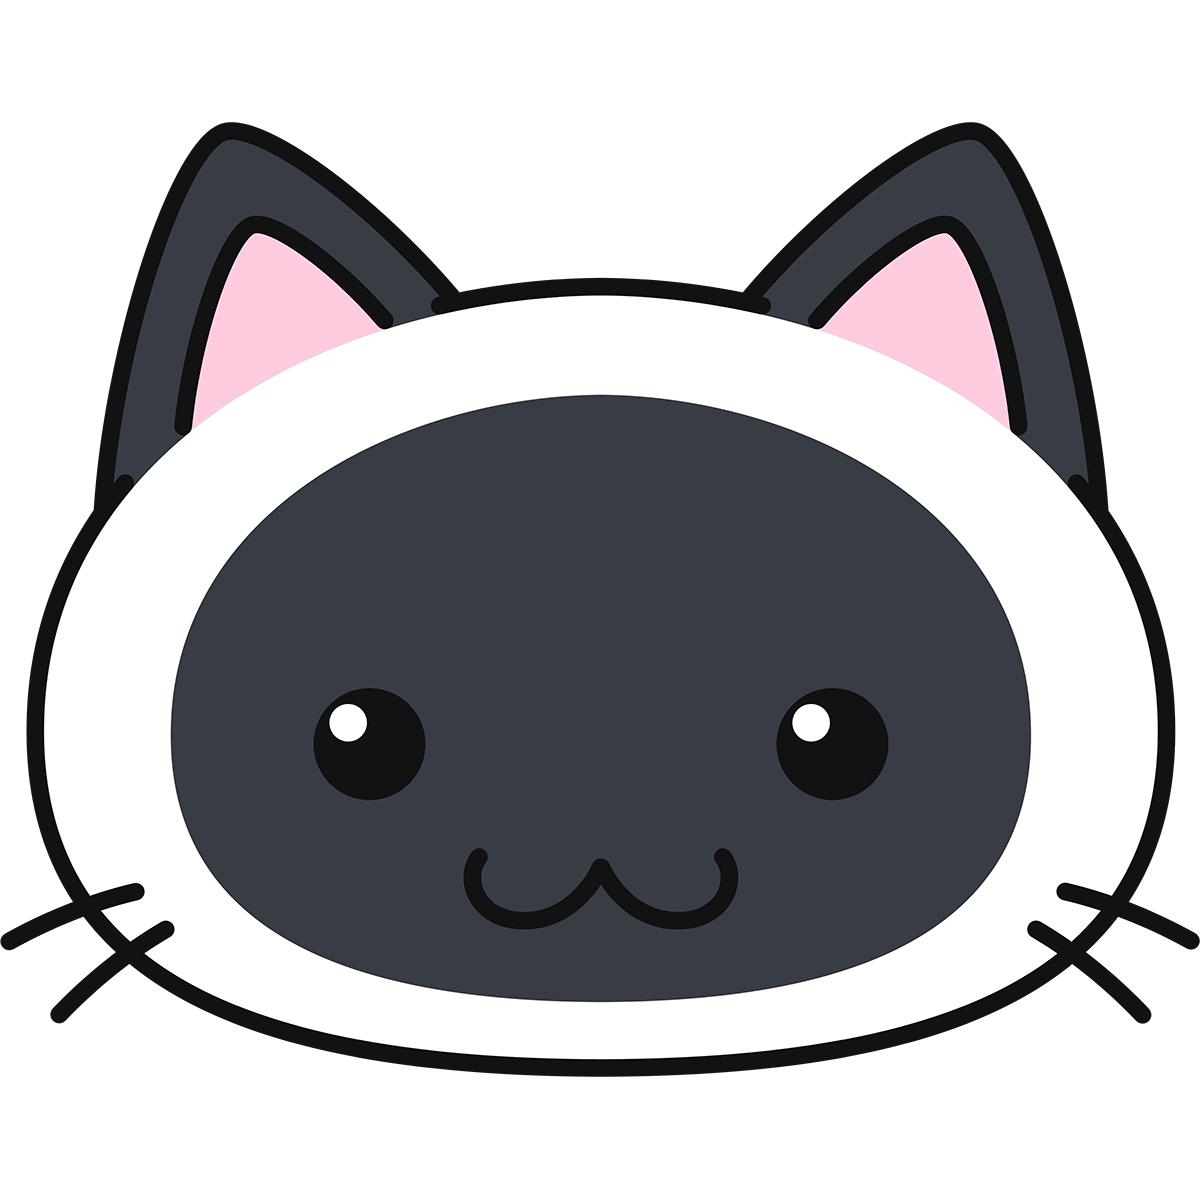 シャム柄猫の顔(丸目)の無料イラスト